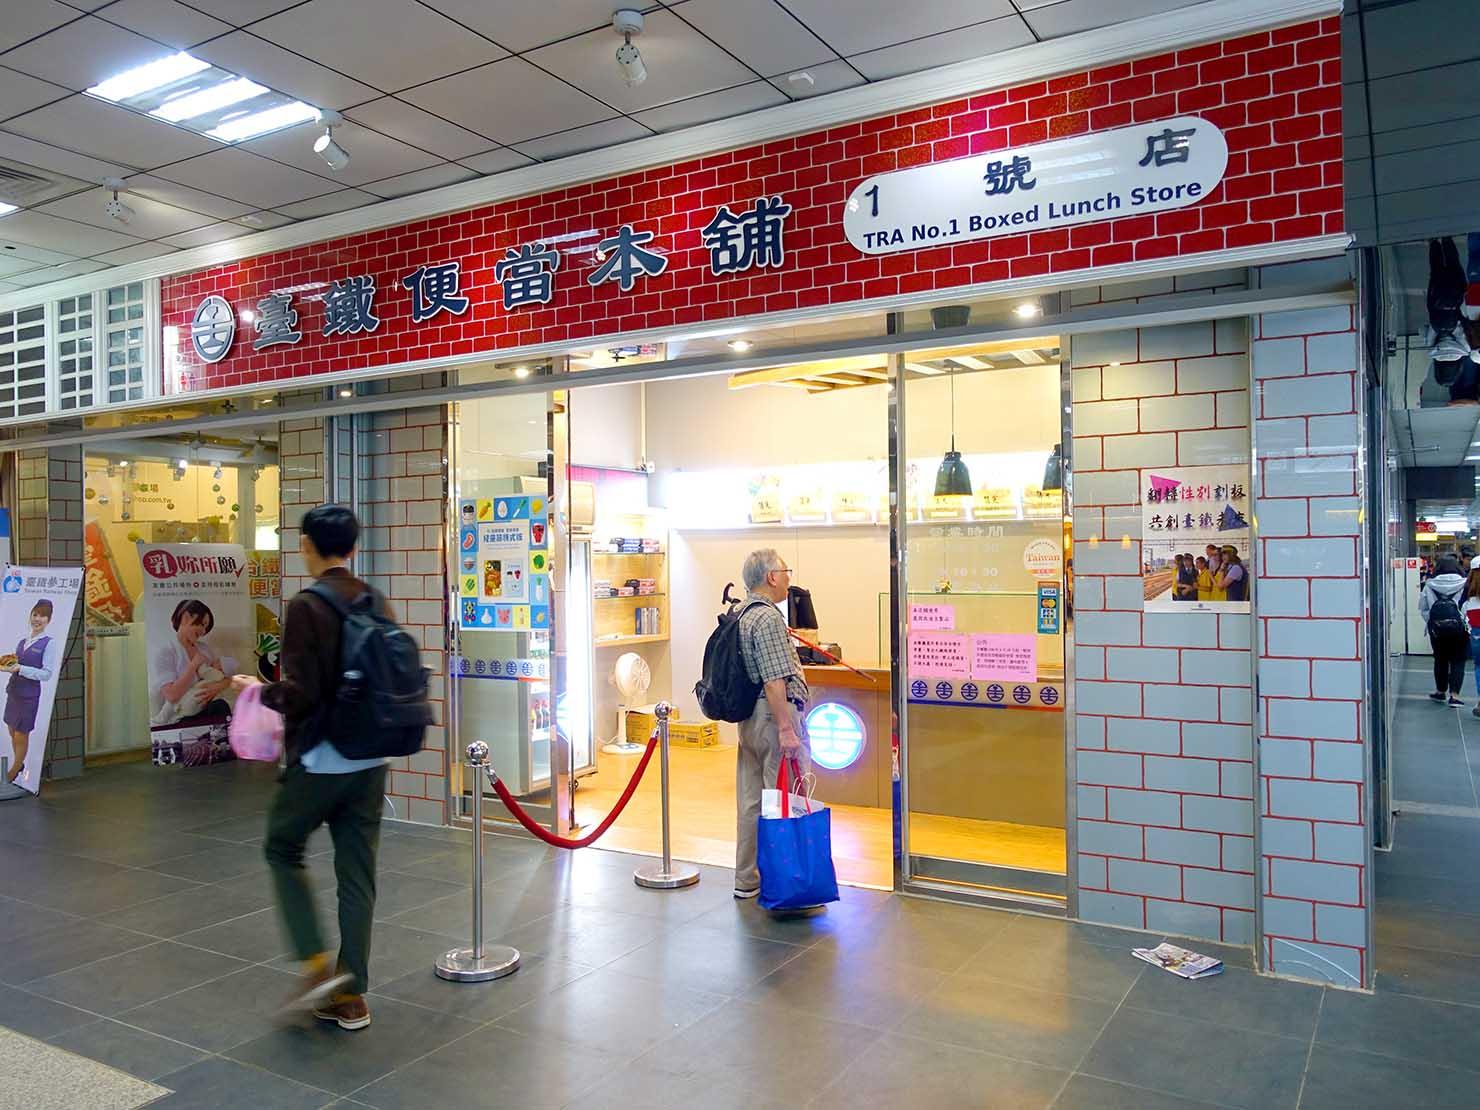 台北駅駅ナカ(車站大廳)のおすすめグルメ店「台鐵便當本舖」の外観